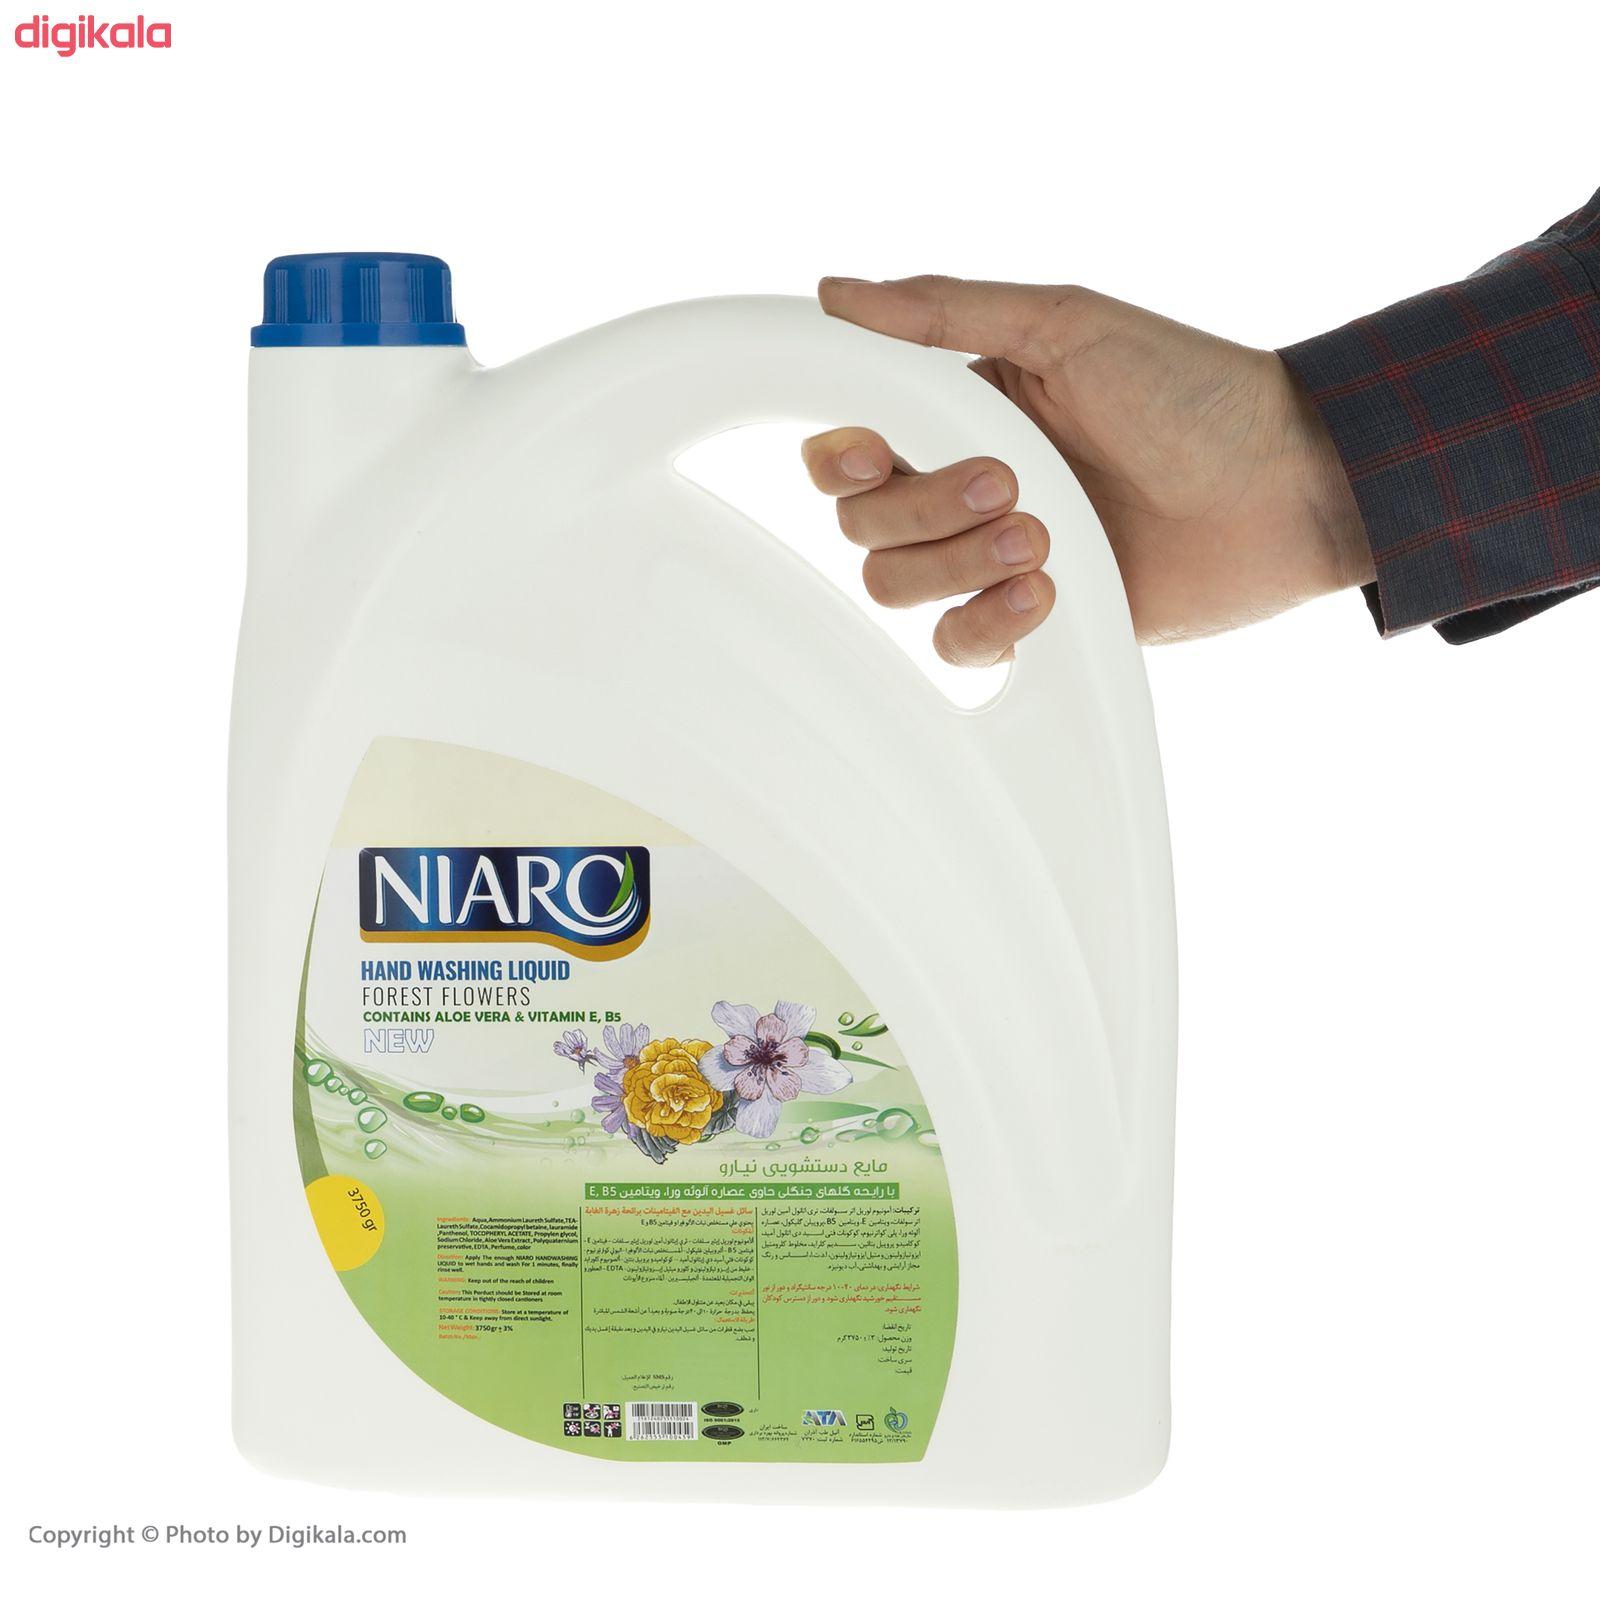 مایع دستشویی نیارو مدل گلهای جنگلی حجم 3750 گرم main 1 3